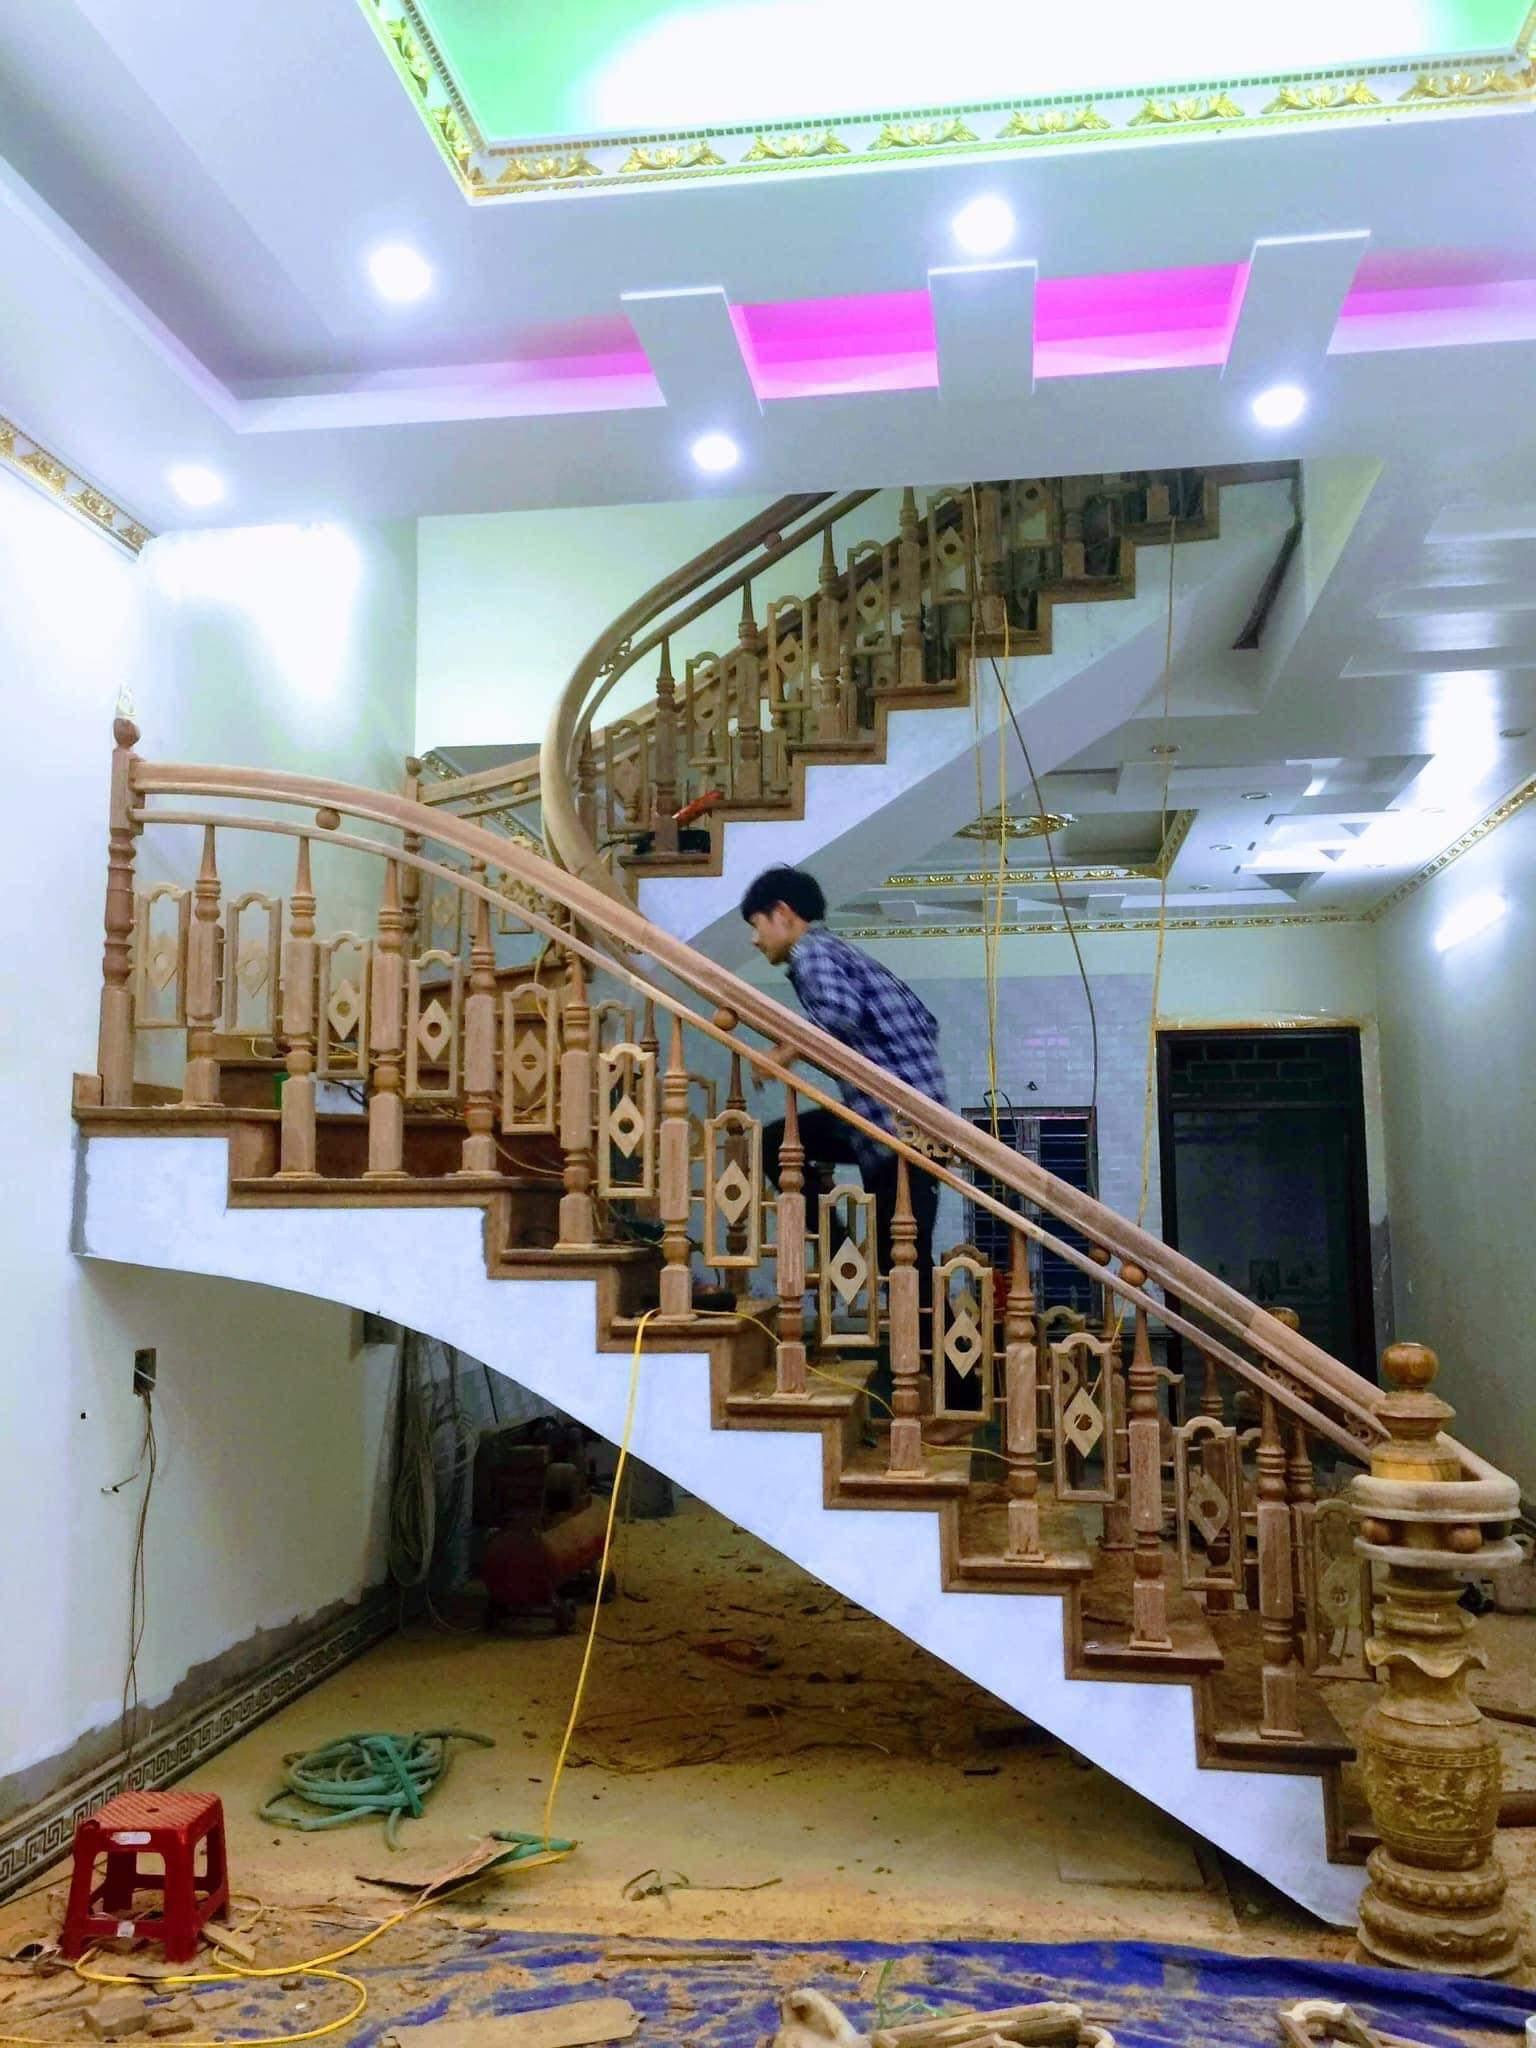 Cầu thang gỗ đẹp - Tổng hợp những mẫu cầu thang đẹp làm từ gỗ